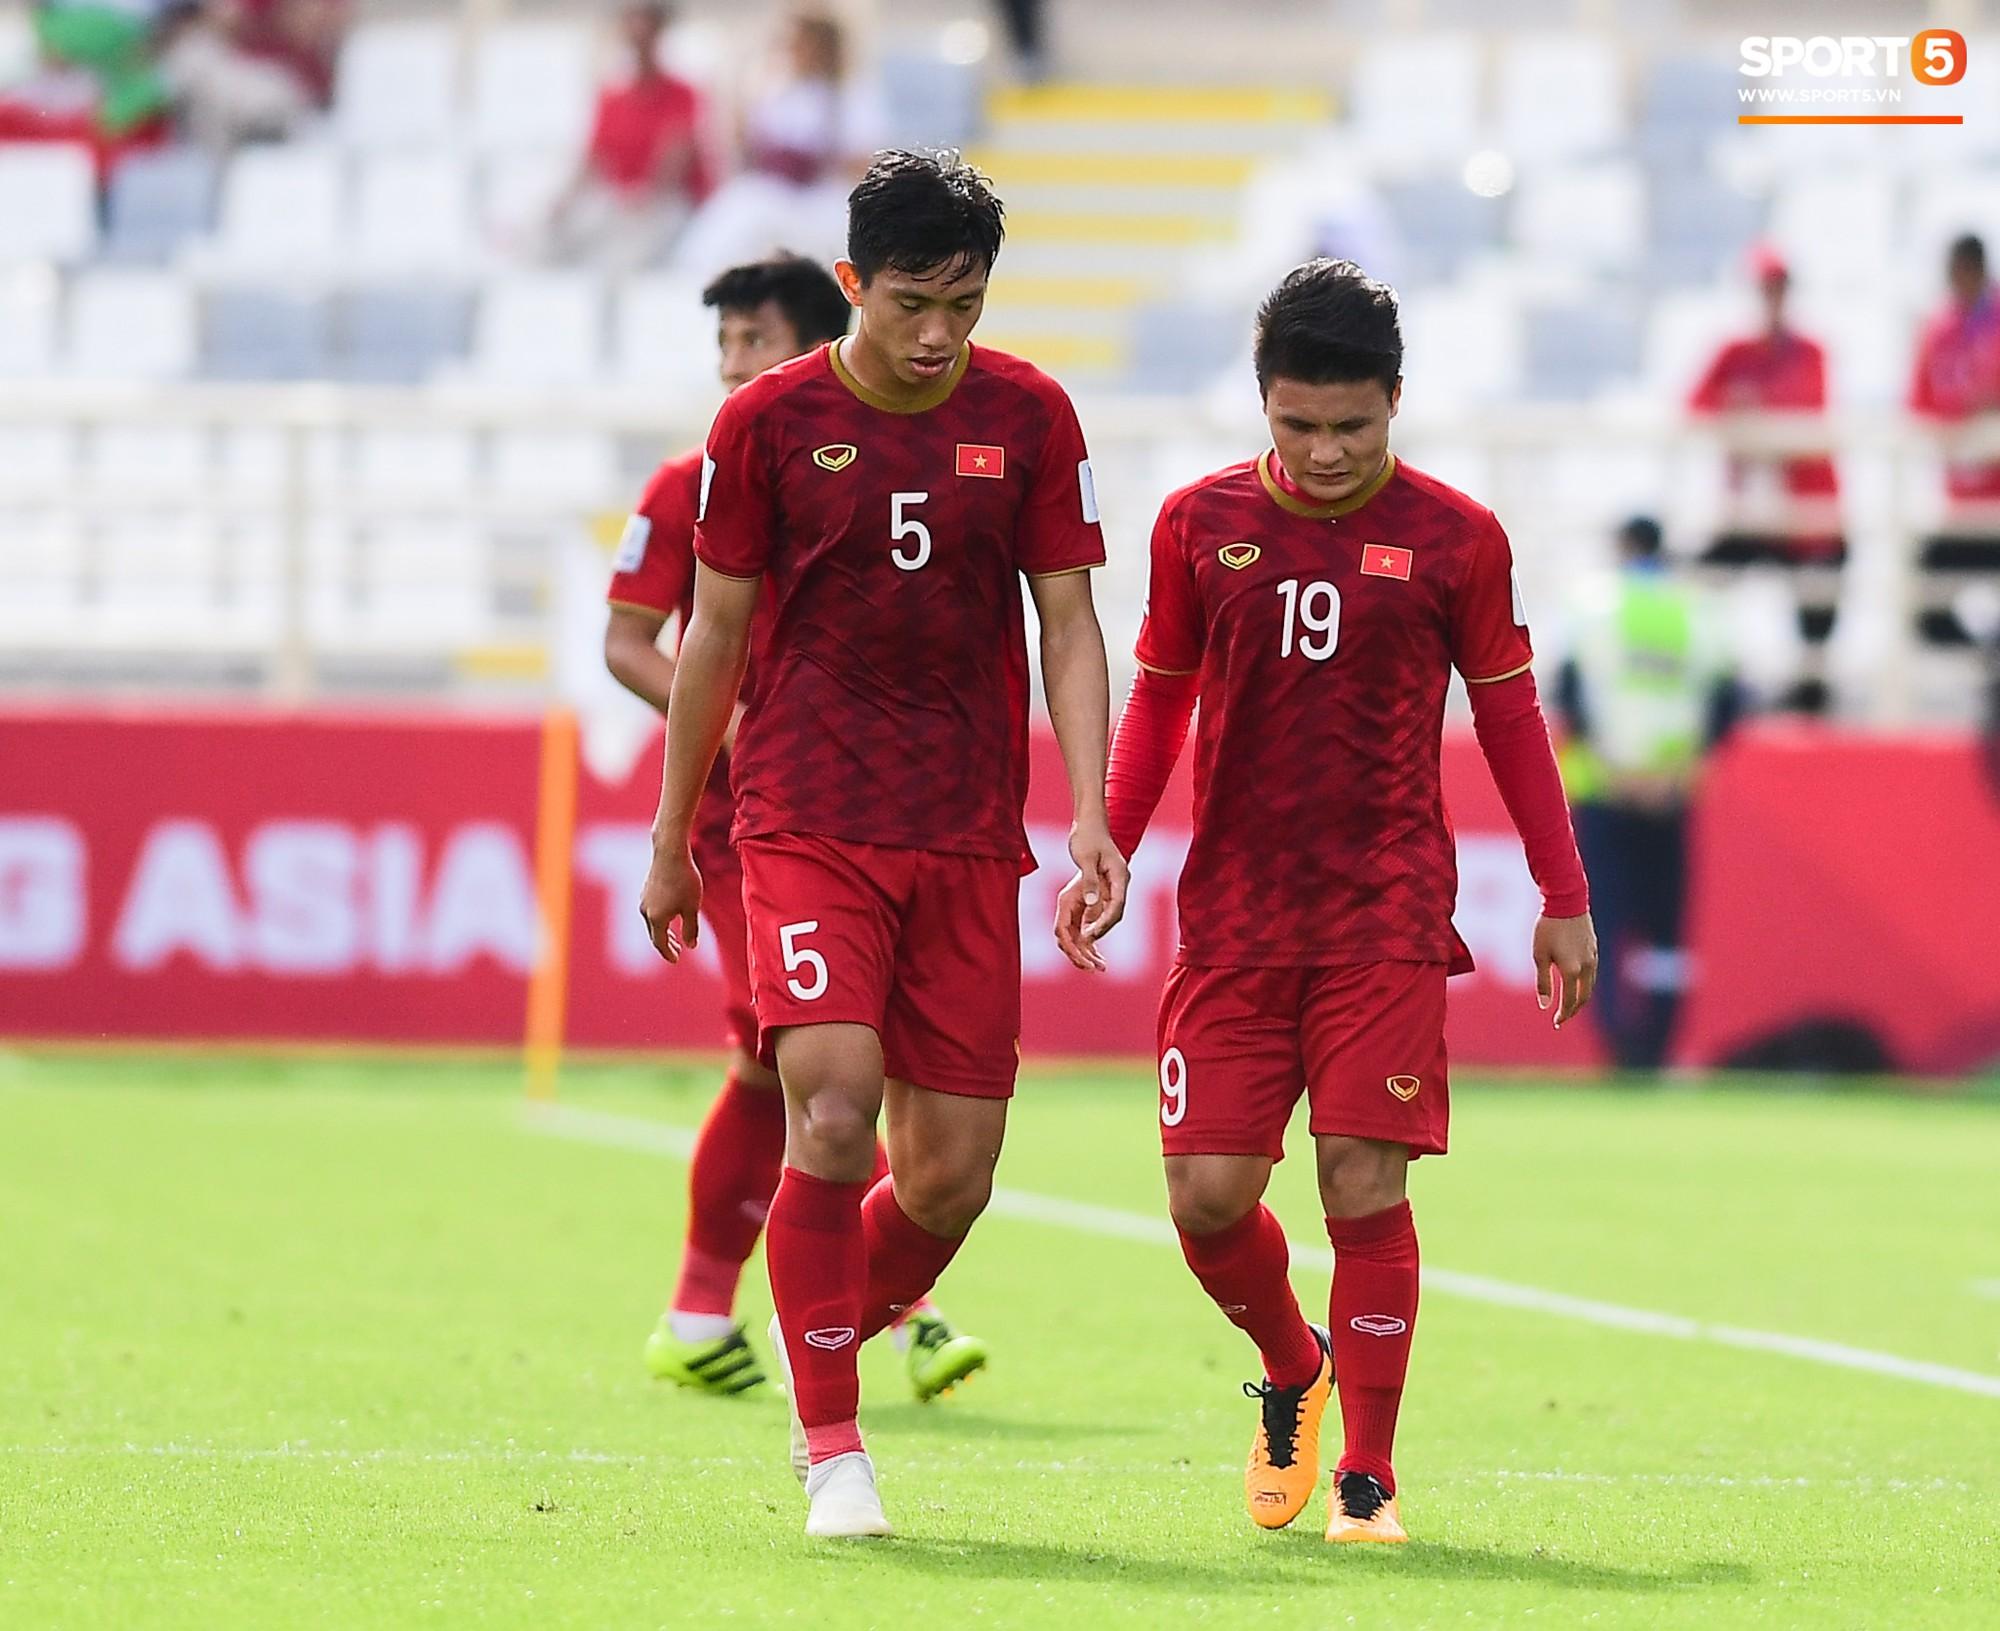 Tuyển Việt Nam tại Asian Cup 2019: Người đổ máu, người sưng húp mắt, mất trí nhớ tạm thời - Ảnh 8.